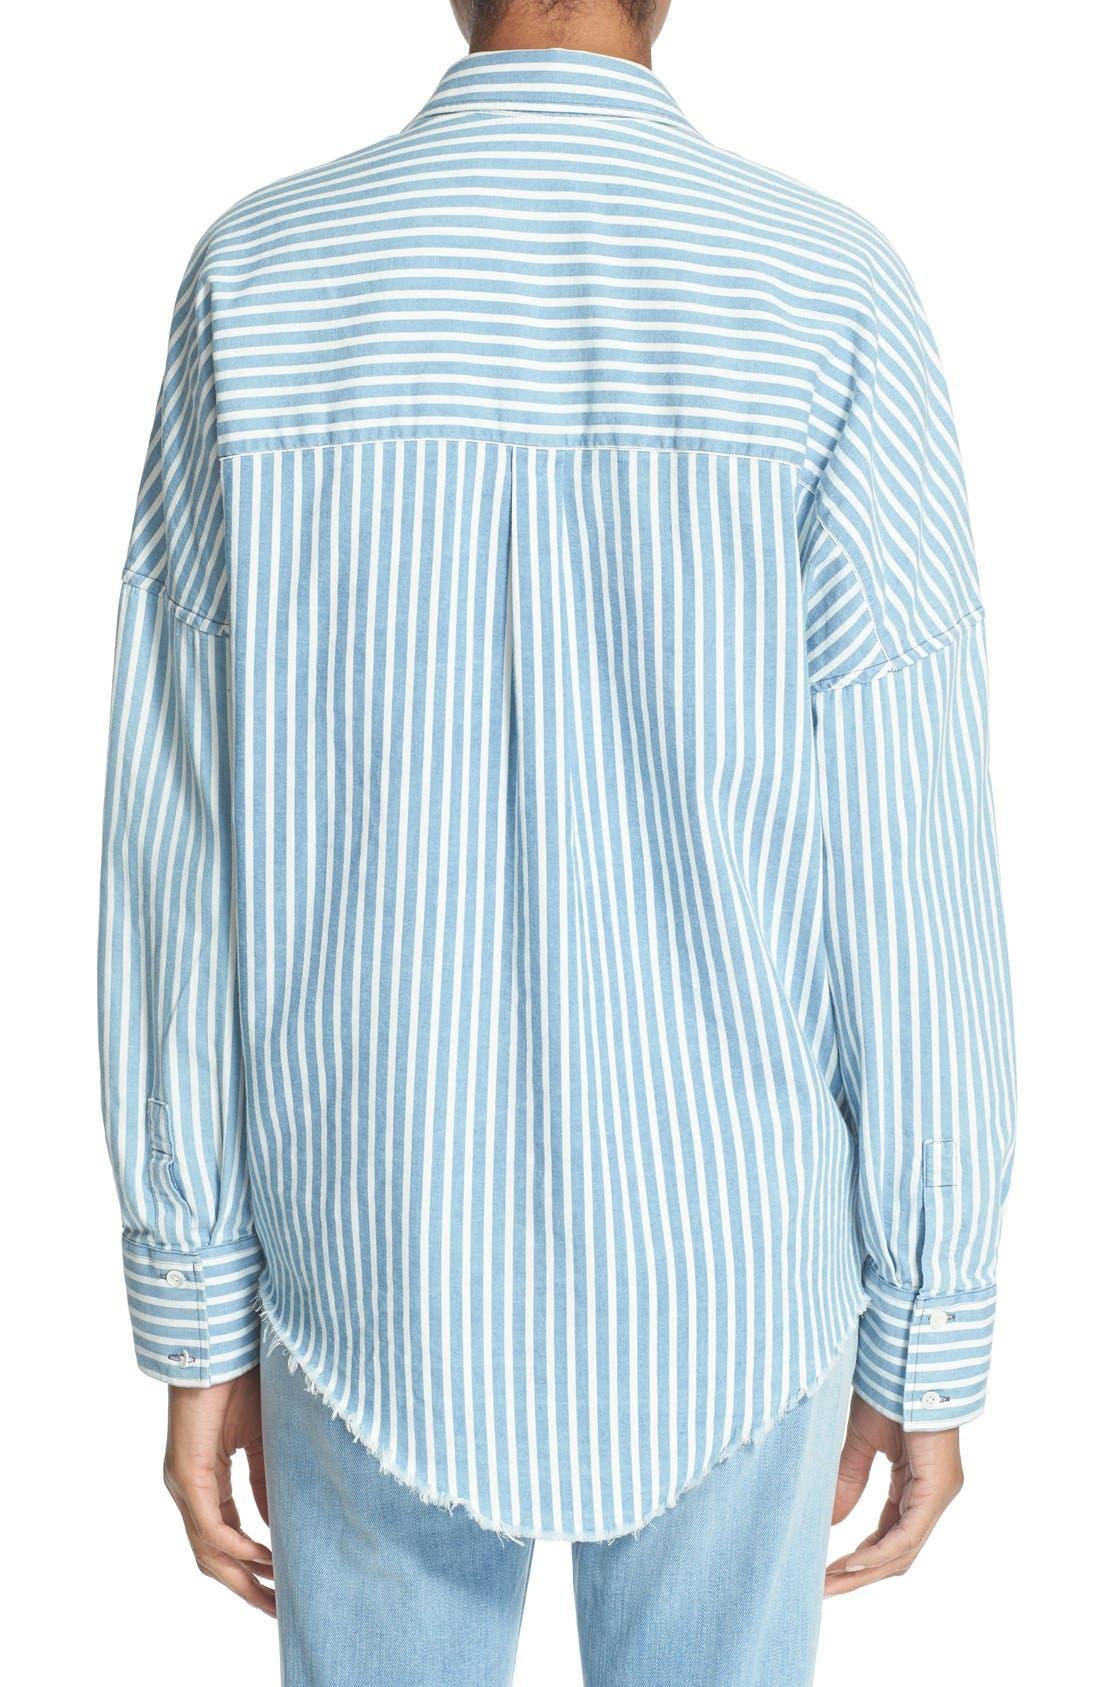 Alternate Image 2  - IRO 'Mia' Stripe Cotton & Modal Shirt